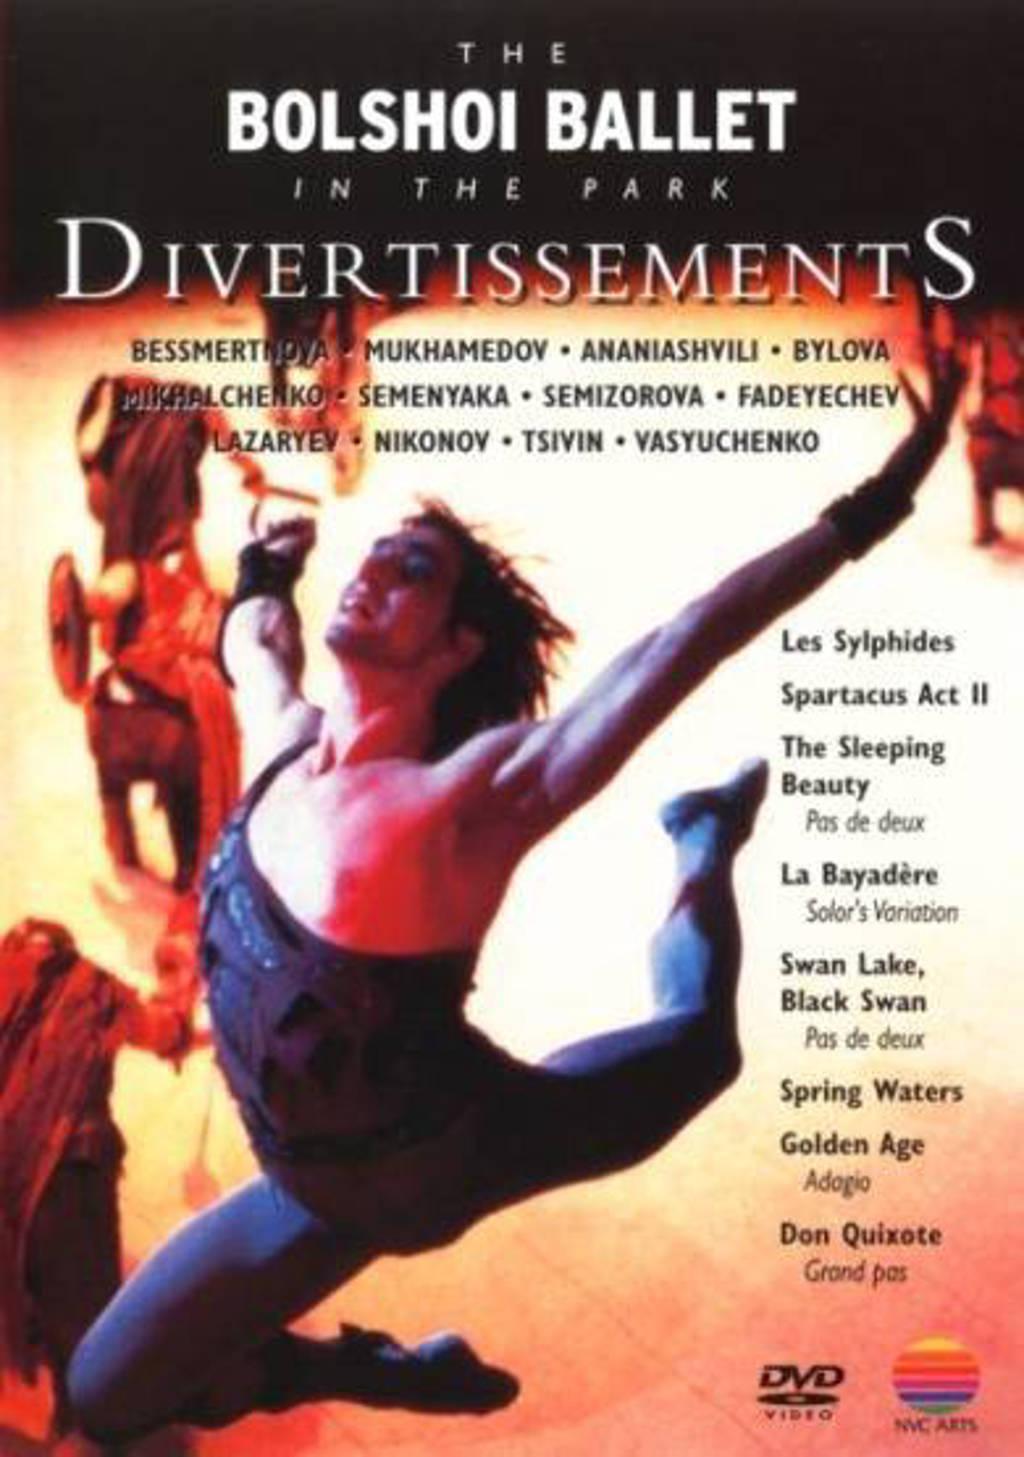 Bolshoi Ballet - In The Park (DVD)